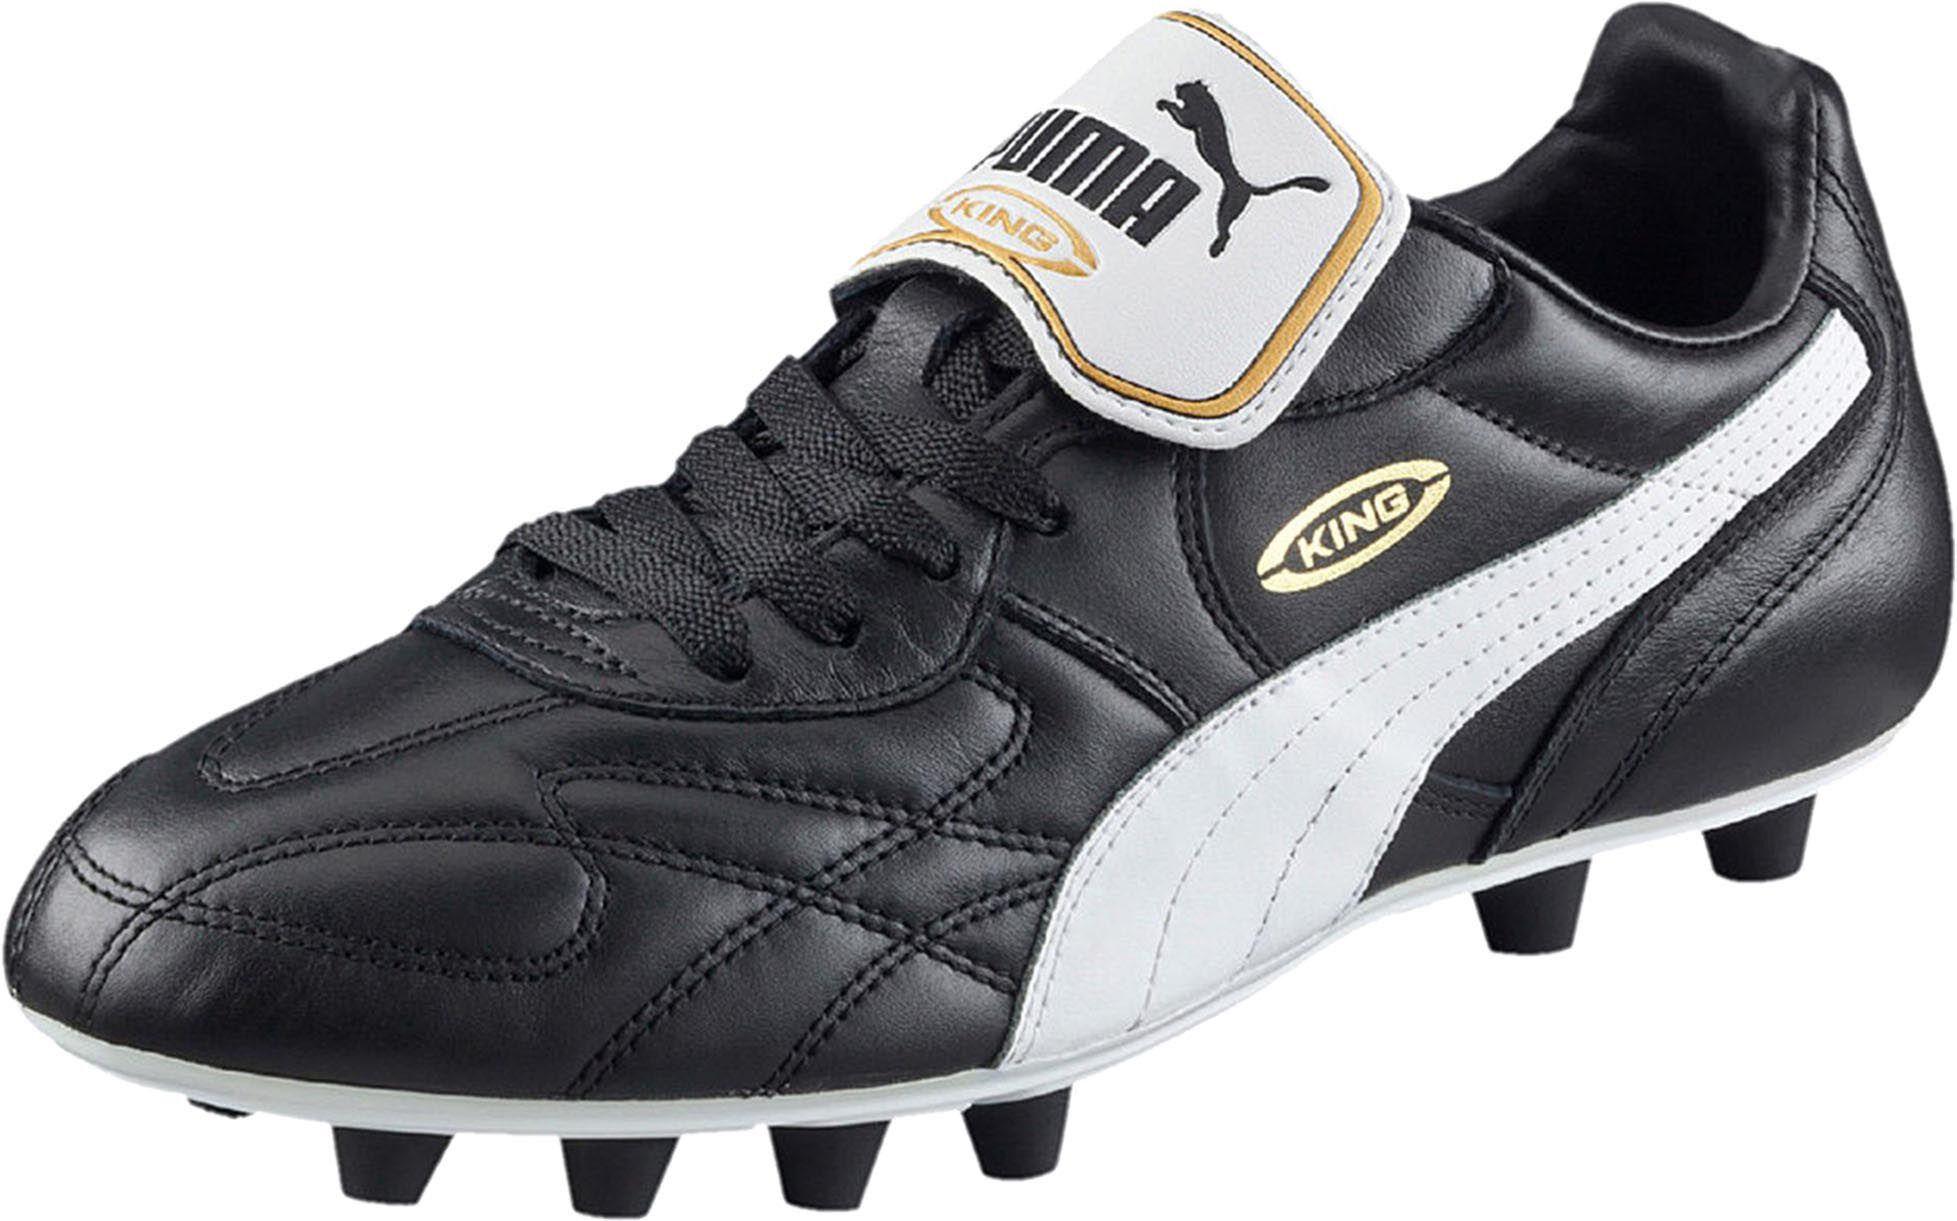 Puma · King top FG voetbalschoenen Heren